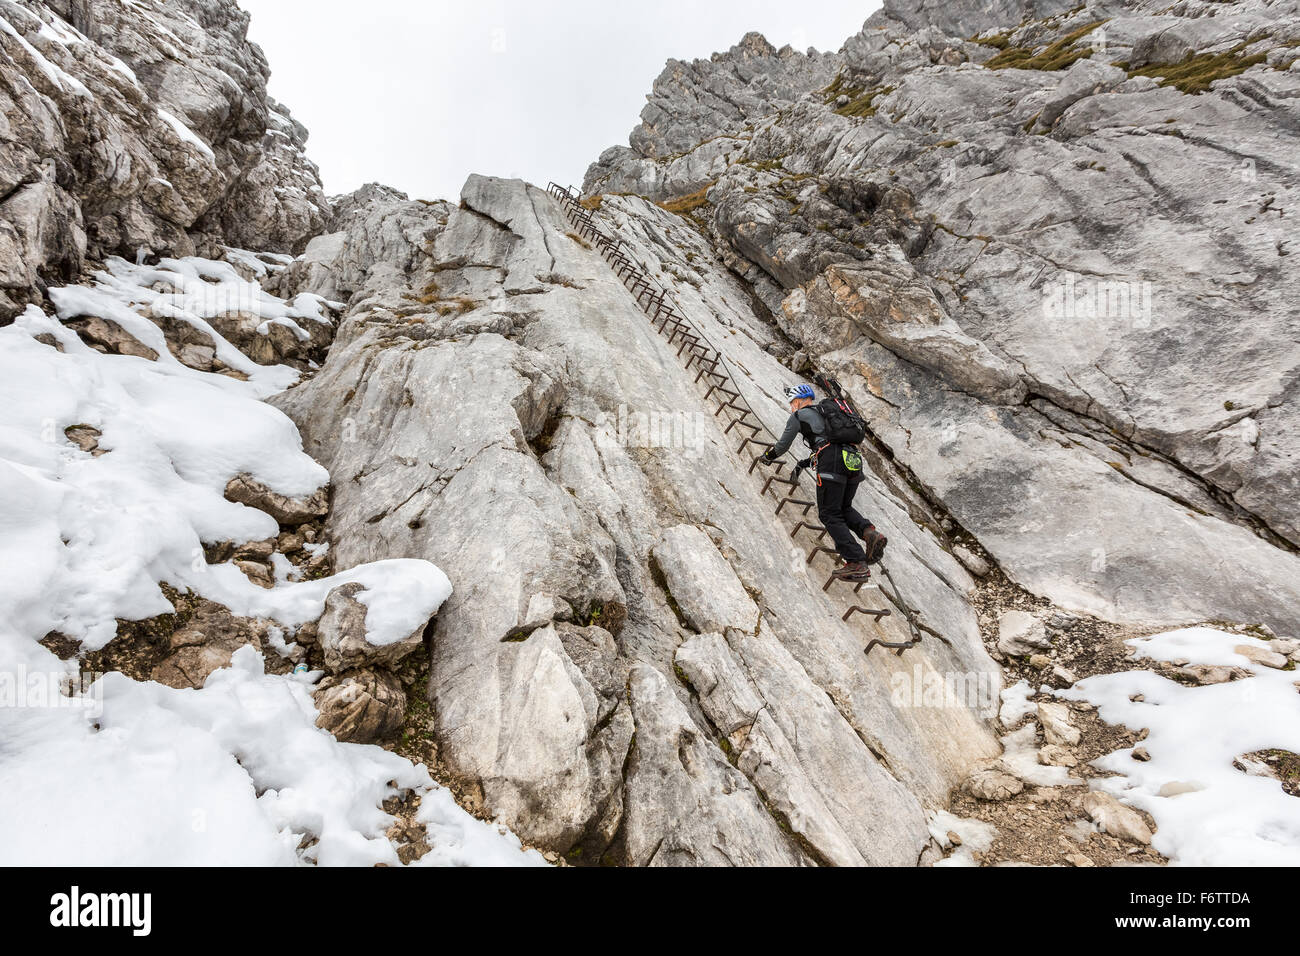 Klettersteig Germany : Auf alpspitze klettersteig garmisch partenkirchen deutschland